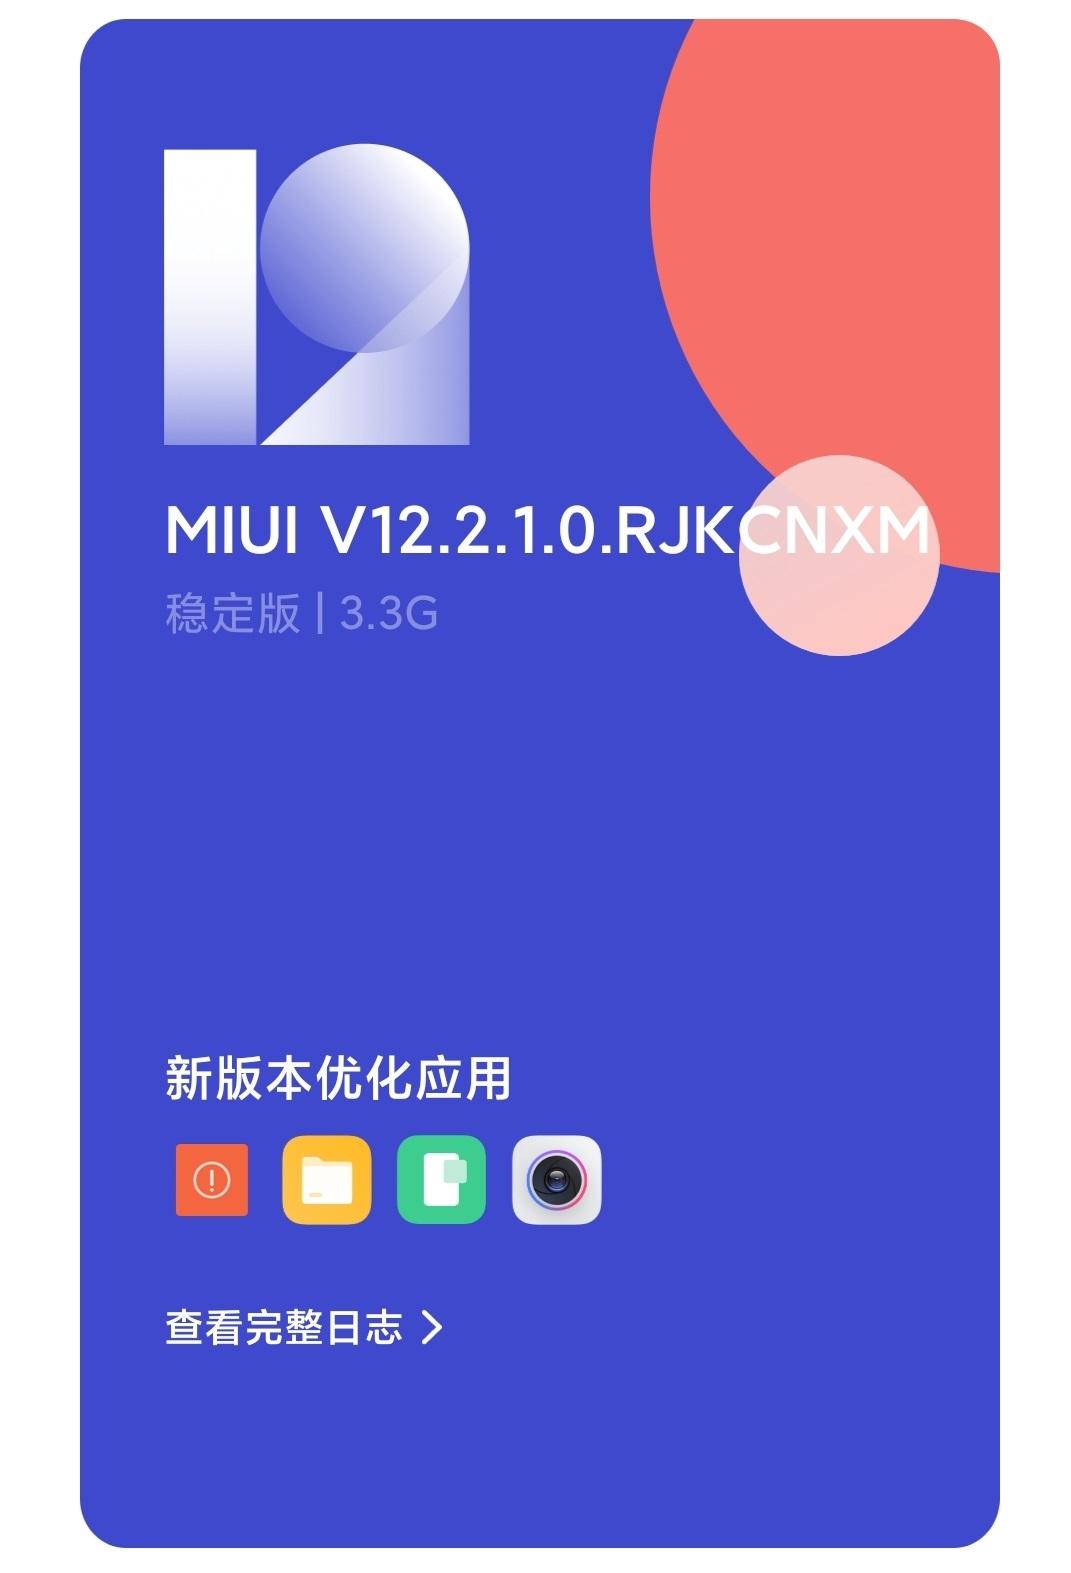 Redmi K30 Ultra MIUI 12